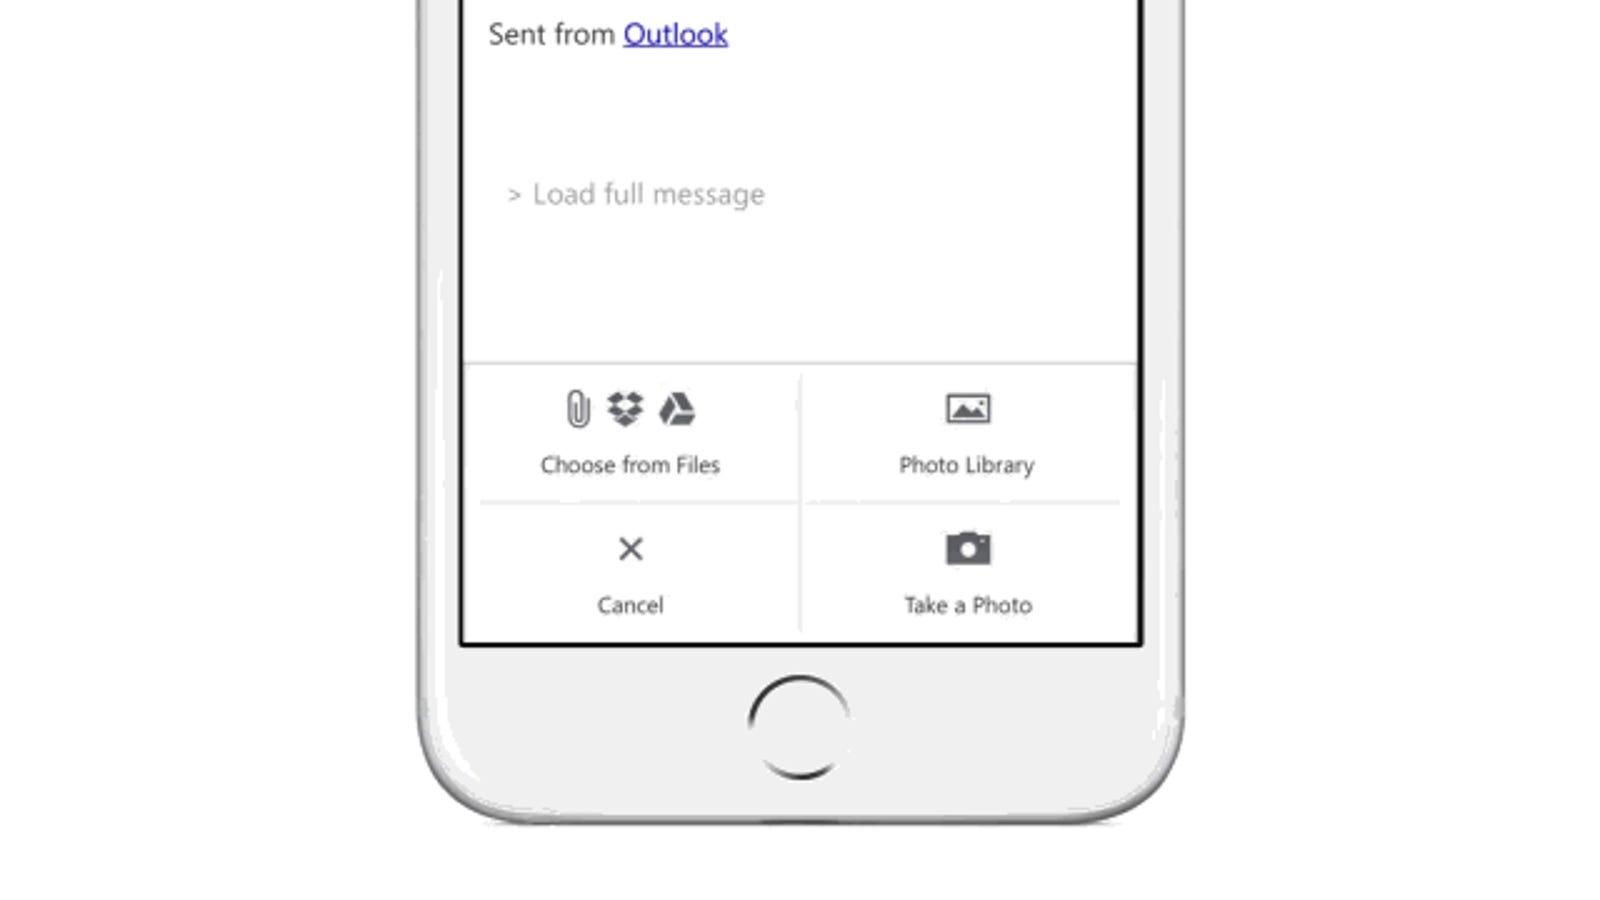 Sorpresa: Microsoft ha hecho una de las mejores apps de email para móvil